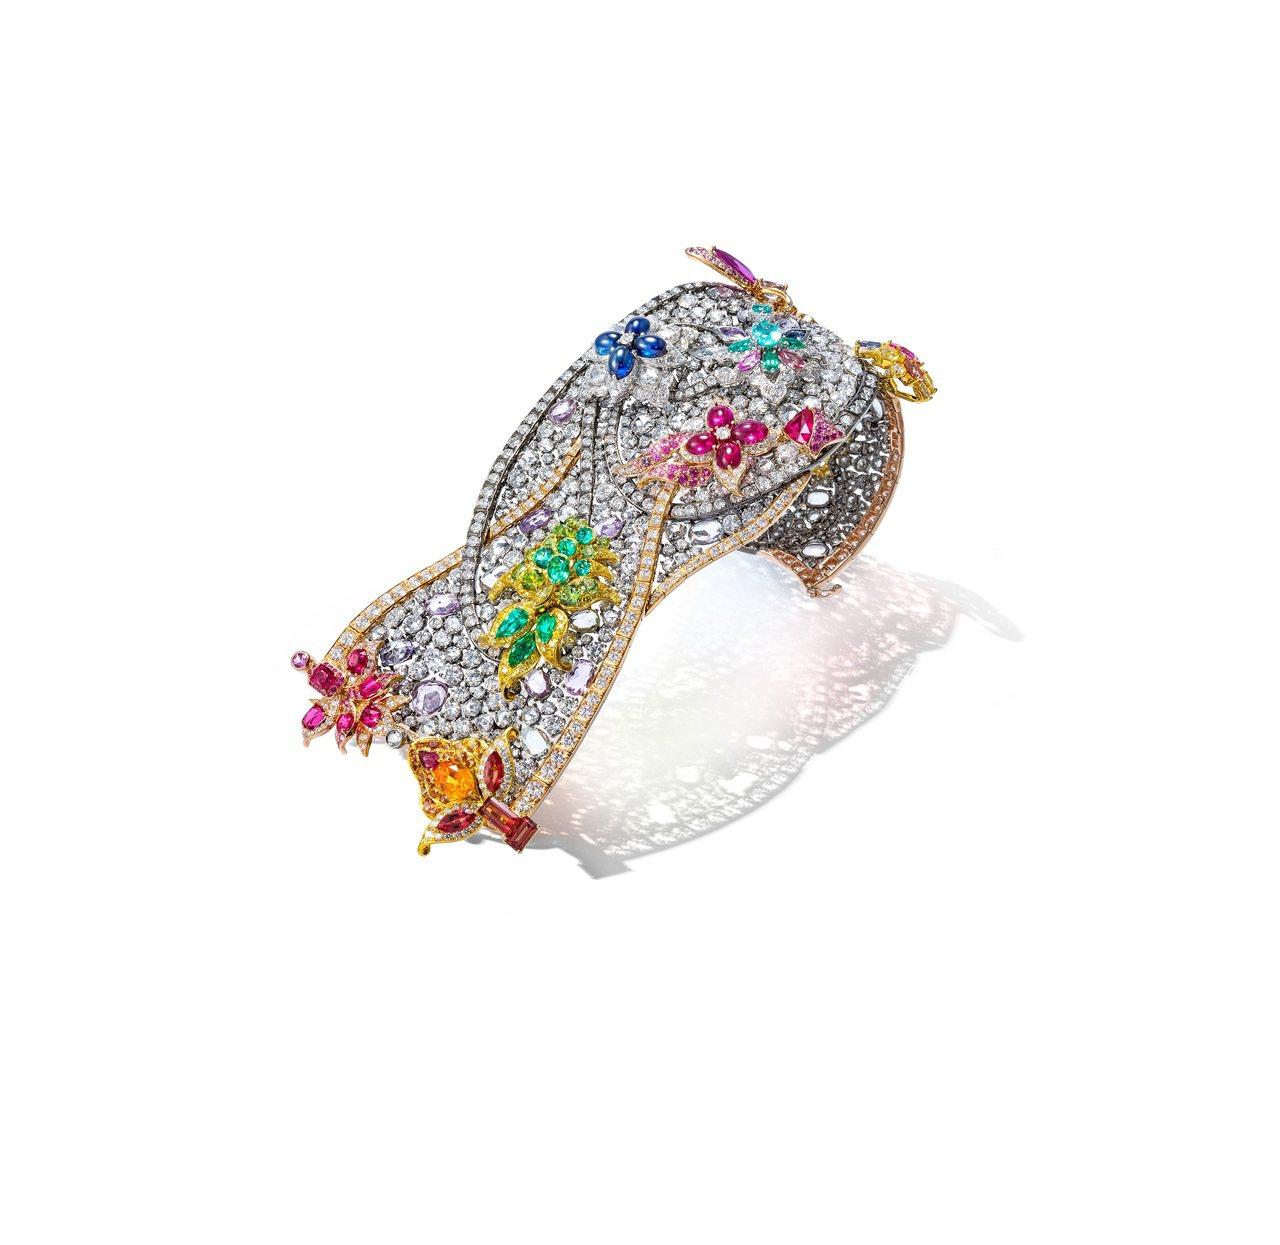 《圣巴西尔音乐手链》,手环使用了白金、玫瑰金、乌金及彩宝来表达圣巴西尔教堂鸟瞰时...